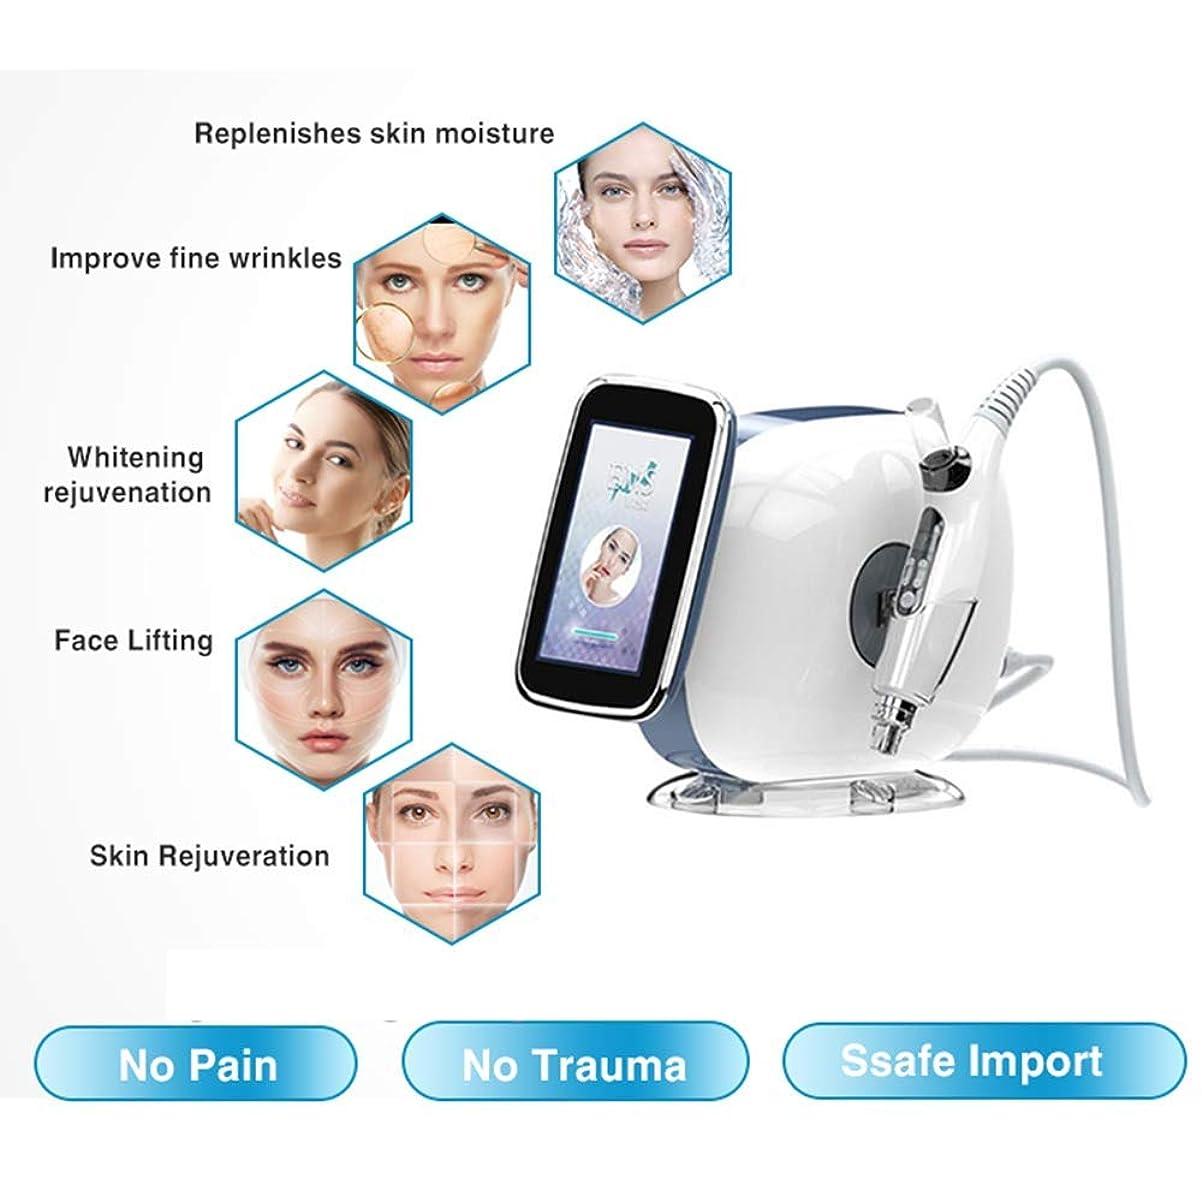 両方矛盾する略す顔の皮の美容院の鉱泉機械、3-In-1Portableの手持ち型の高周波皮療法、EMS、FR、皮のきつく締まること、しわの減少